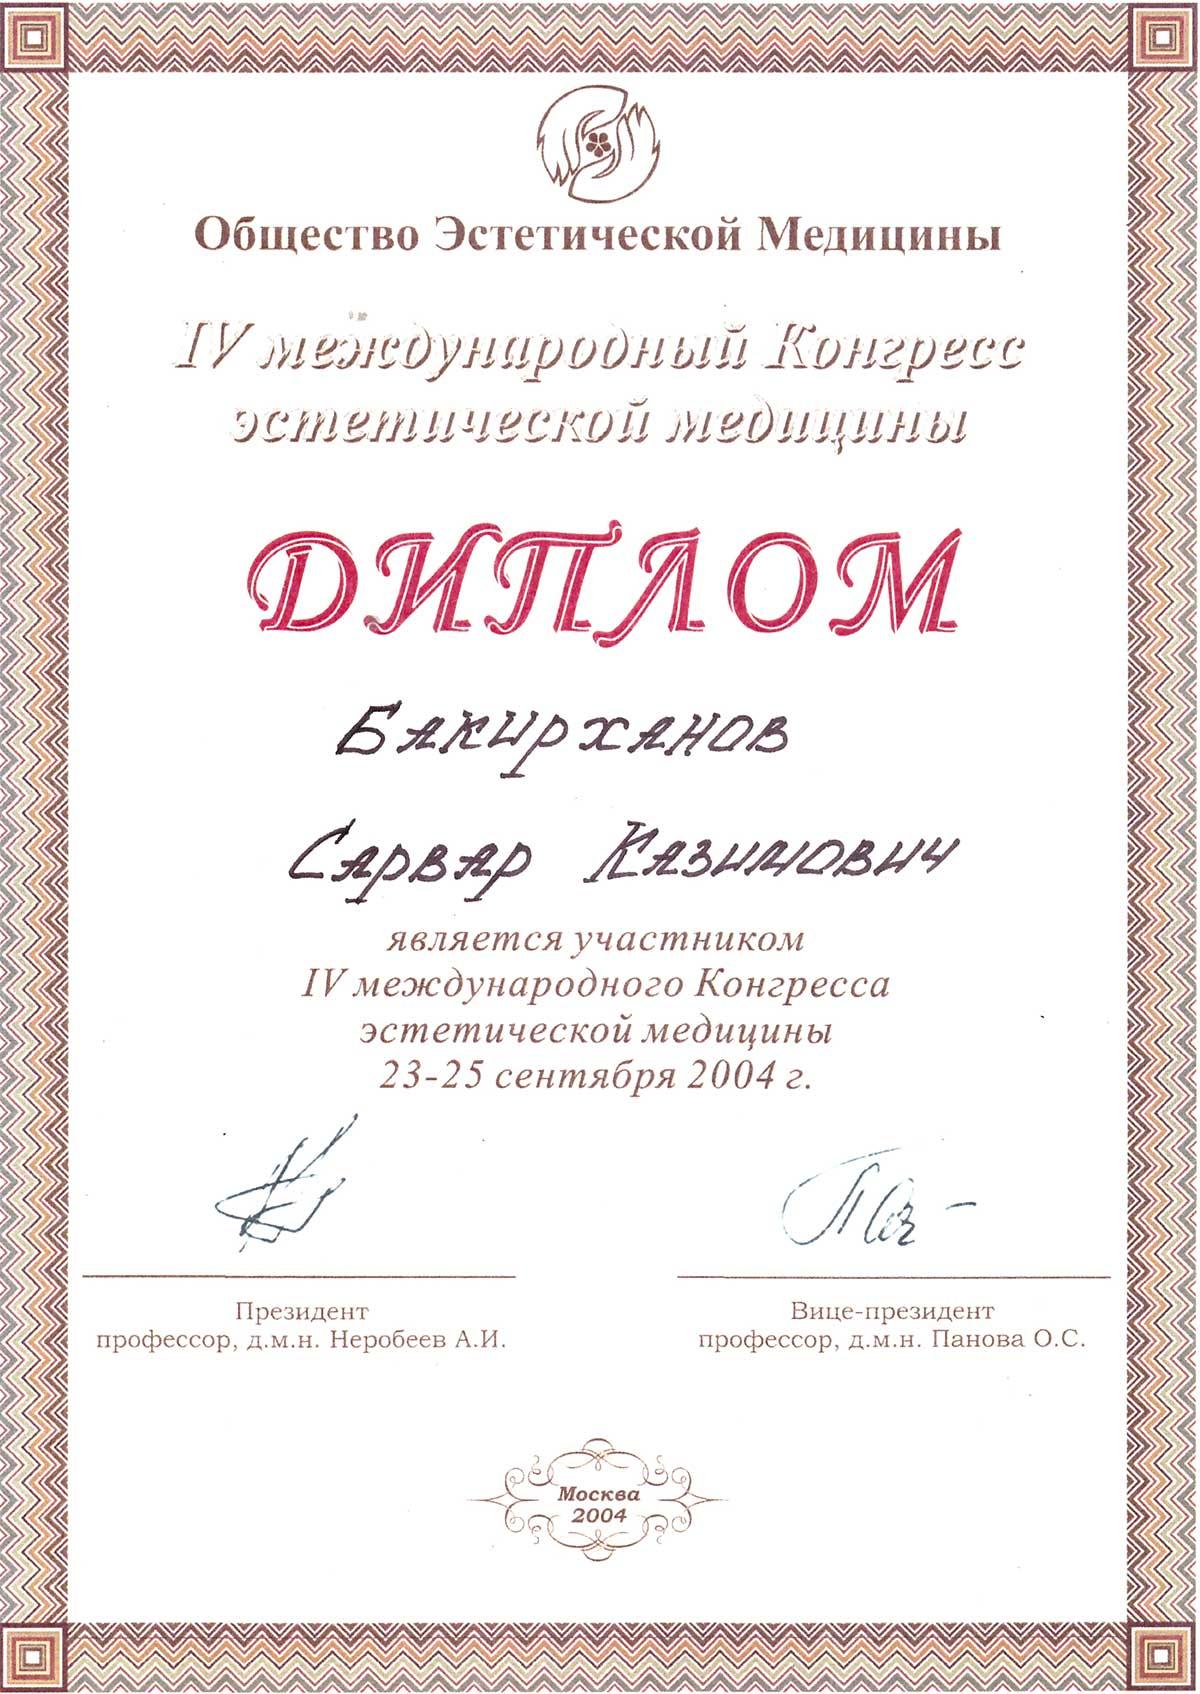 Диплом участника IV Международного конгресса эстетической медицины